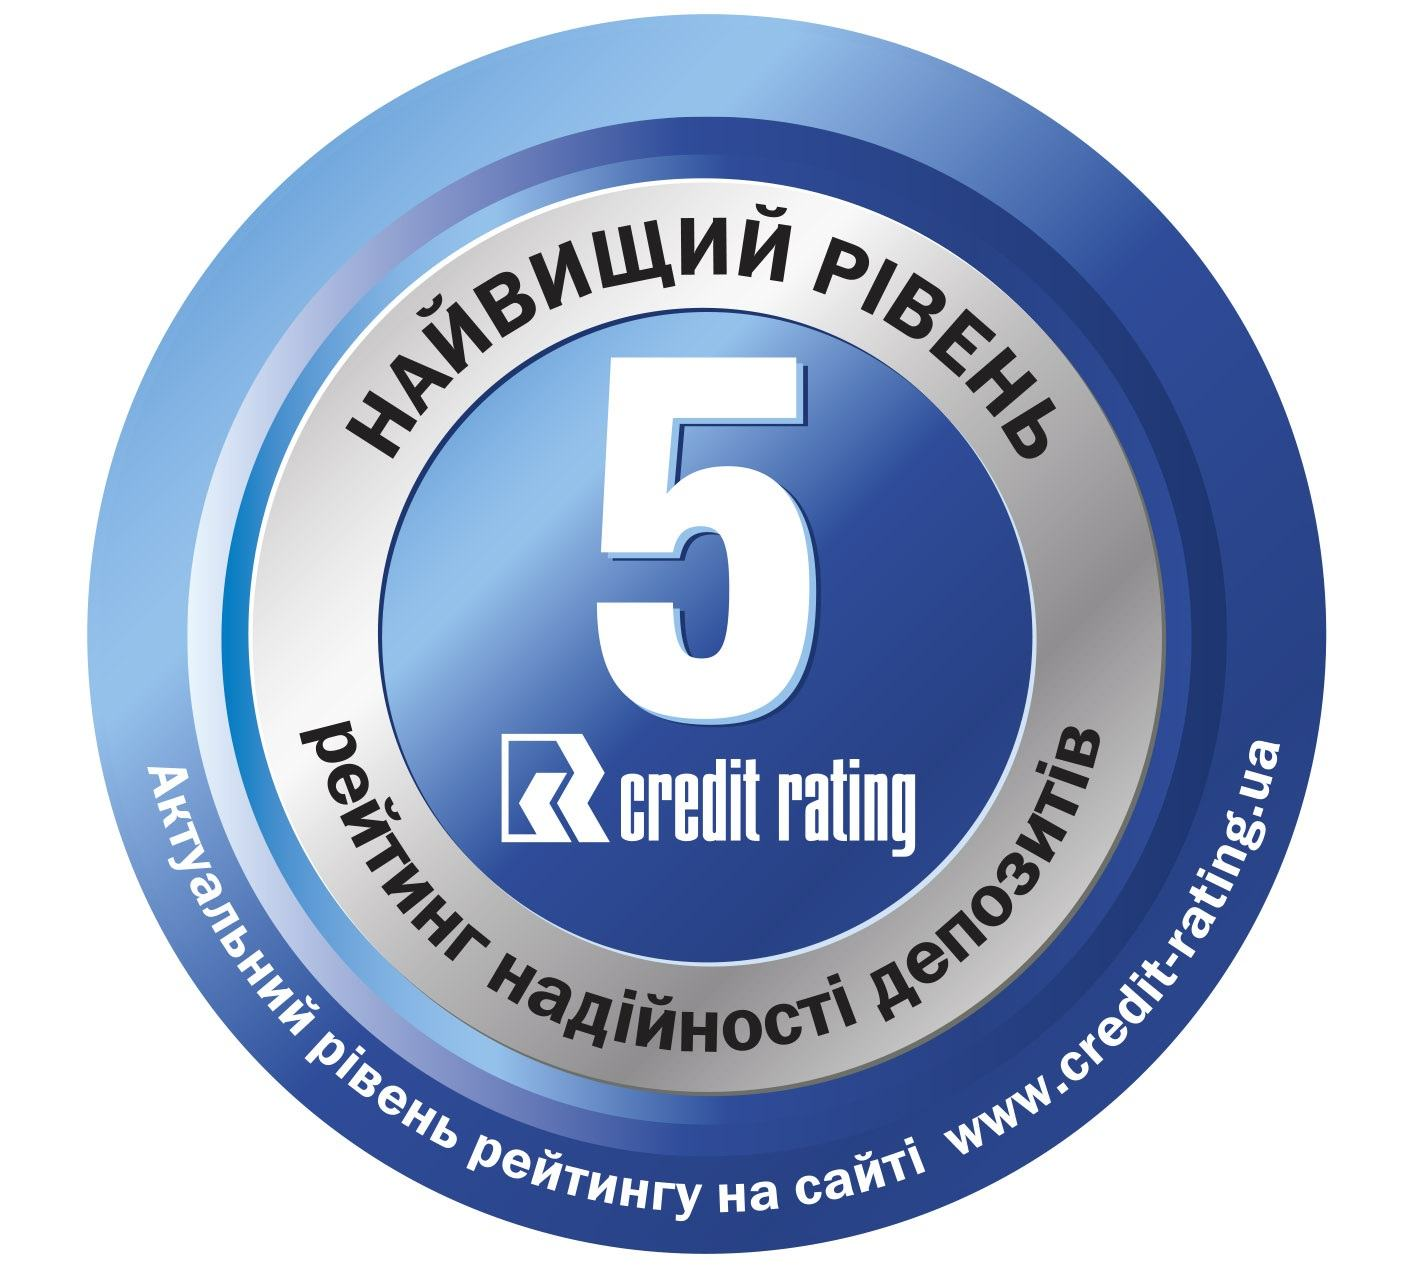 Deposits rating - photo - mtb.ua